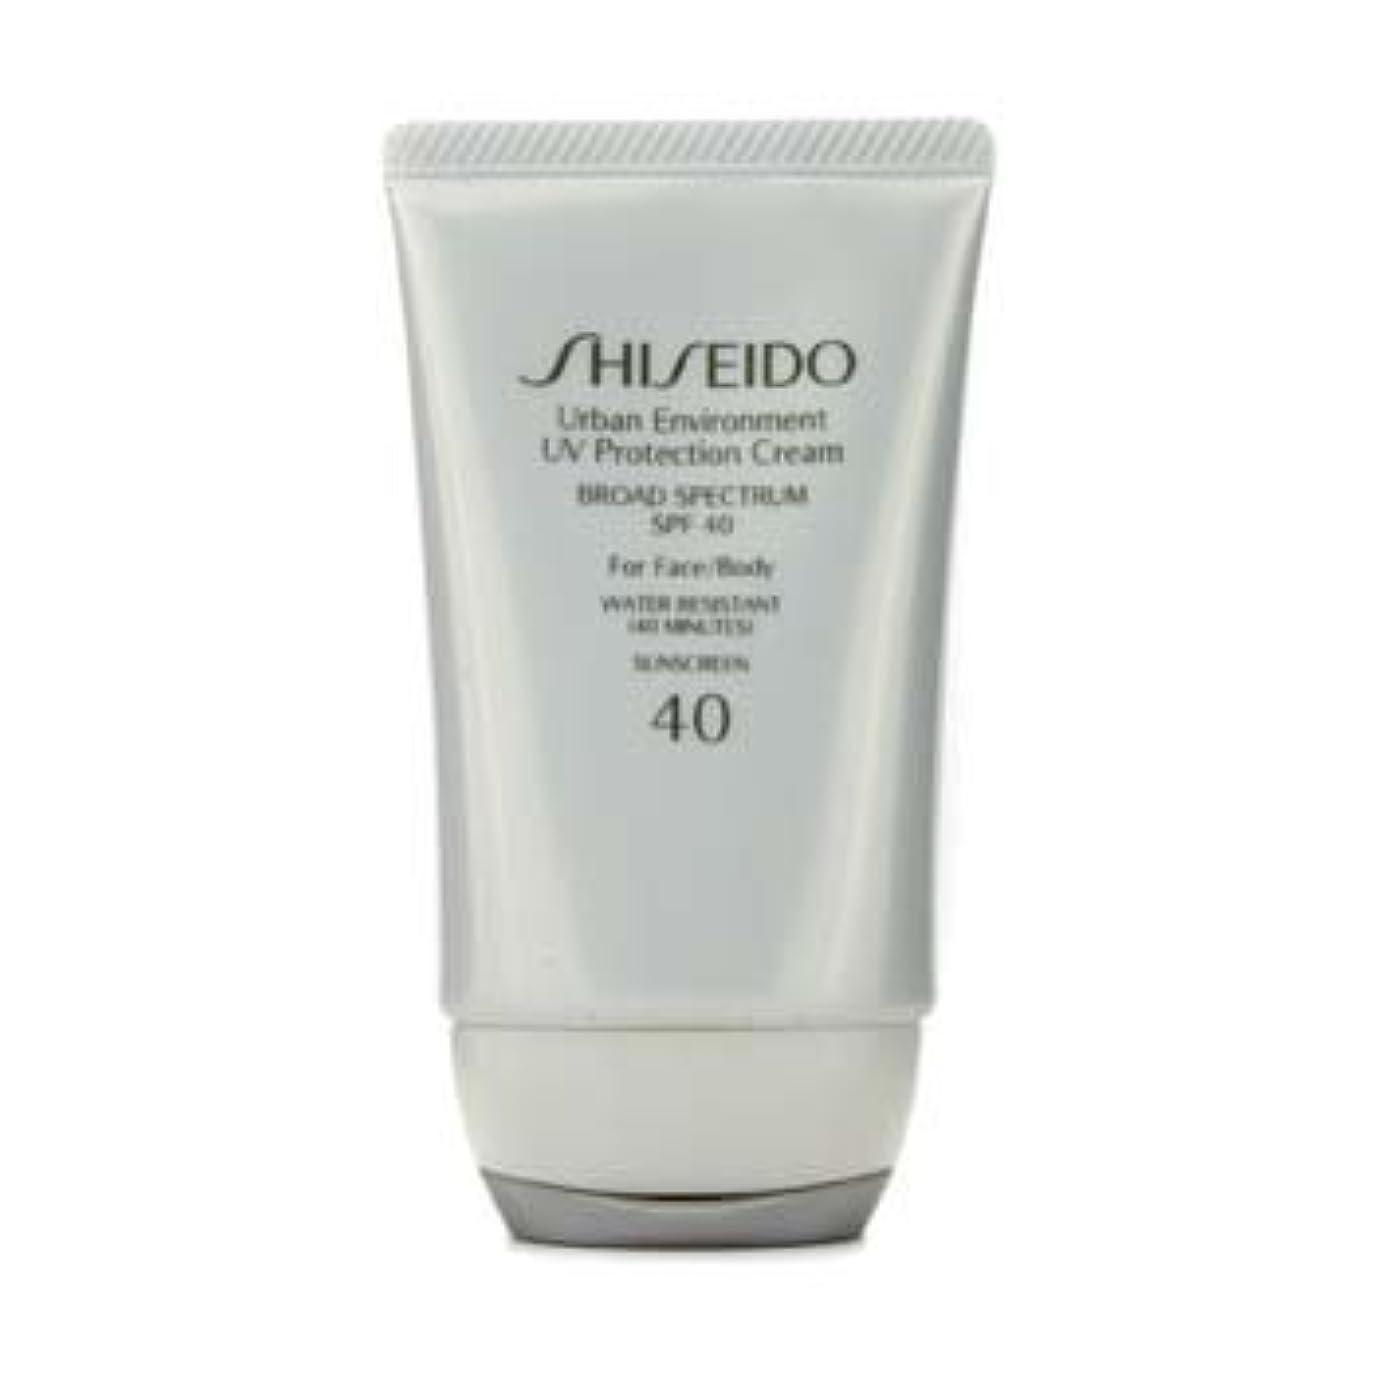 同化寛容な生活Shiseido Urban Environment UV Protection Cream SPF 40 (For Face & Body) - 50ml/1.9oz by Shiseido [並行輸入品]